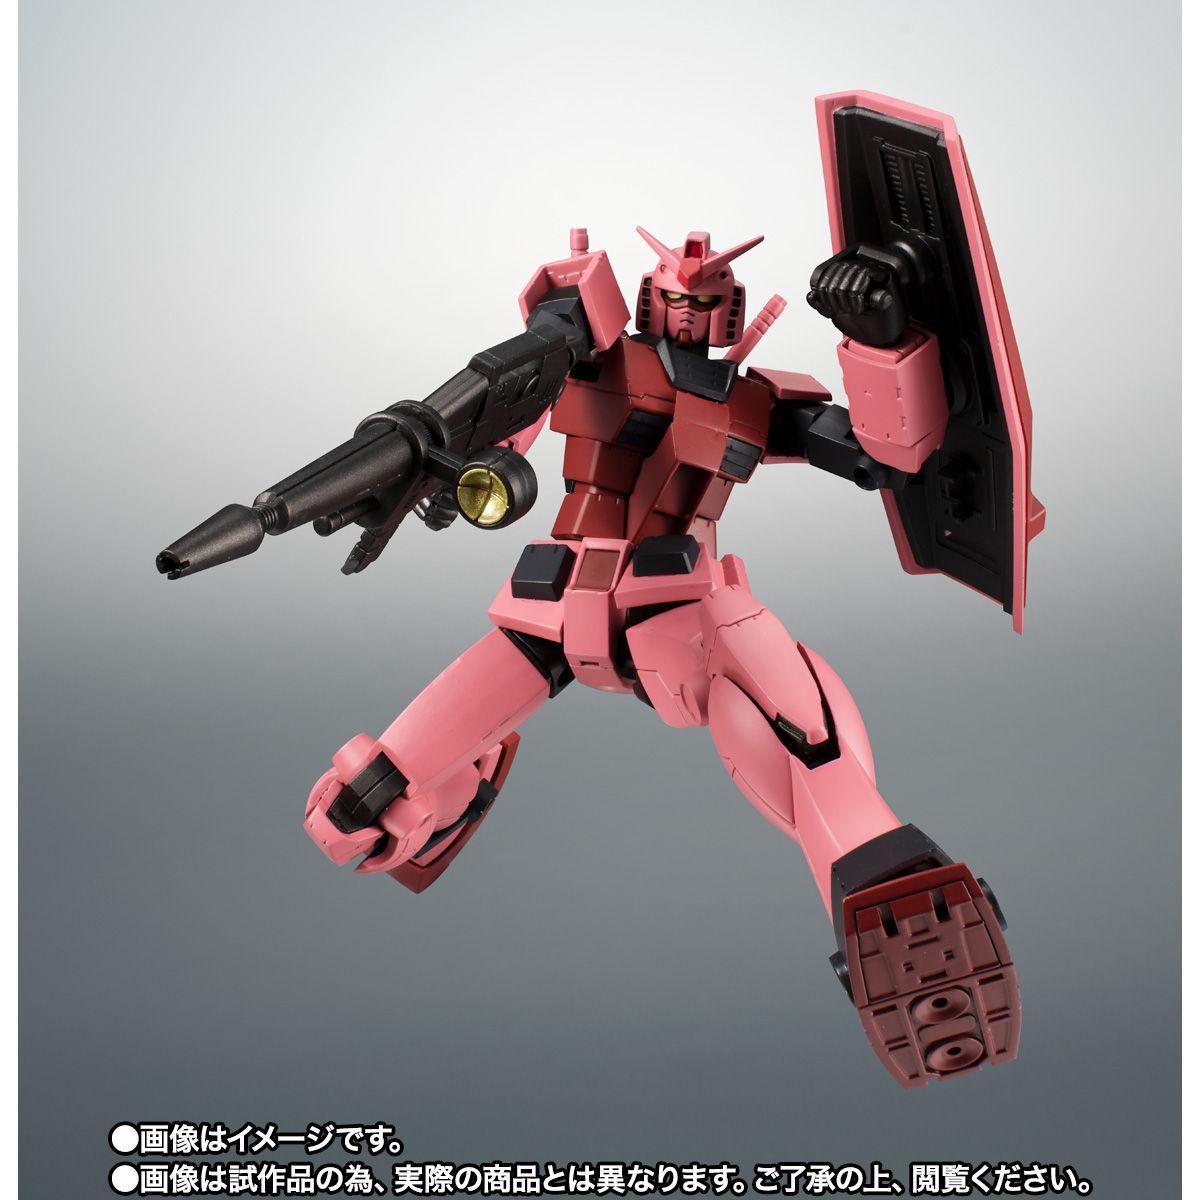 【限定販売】ROBOT魂〈SIDE MS〉『RX-78/C.A キャスバル専用ガンダム ver. A.N.I.M.E.』ギレンの野望 可動フィギュア-006